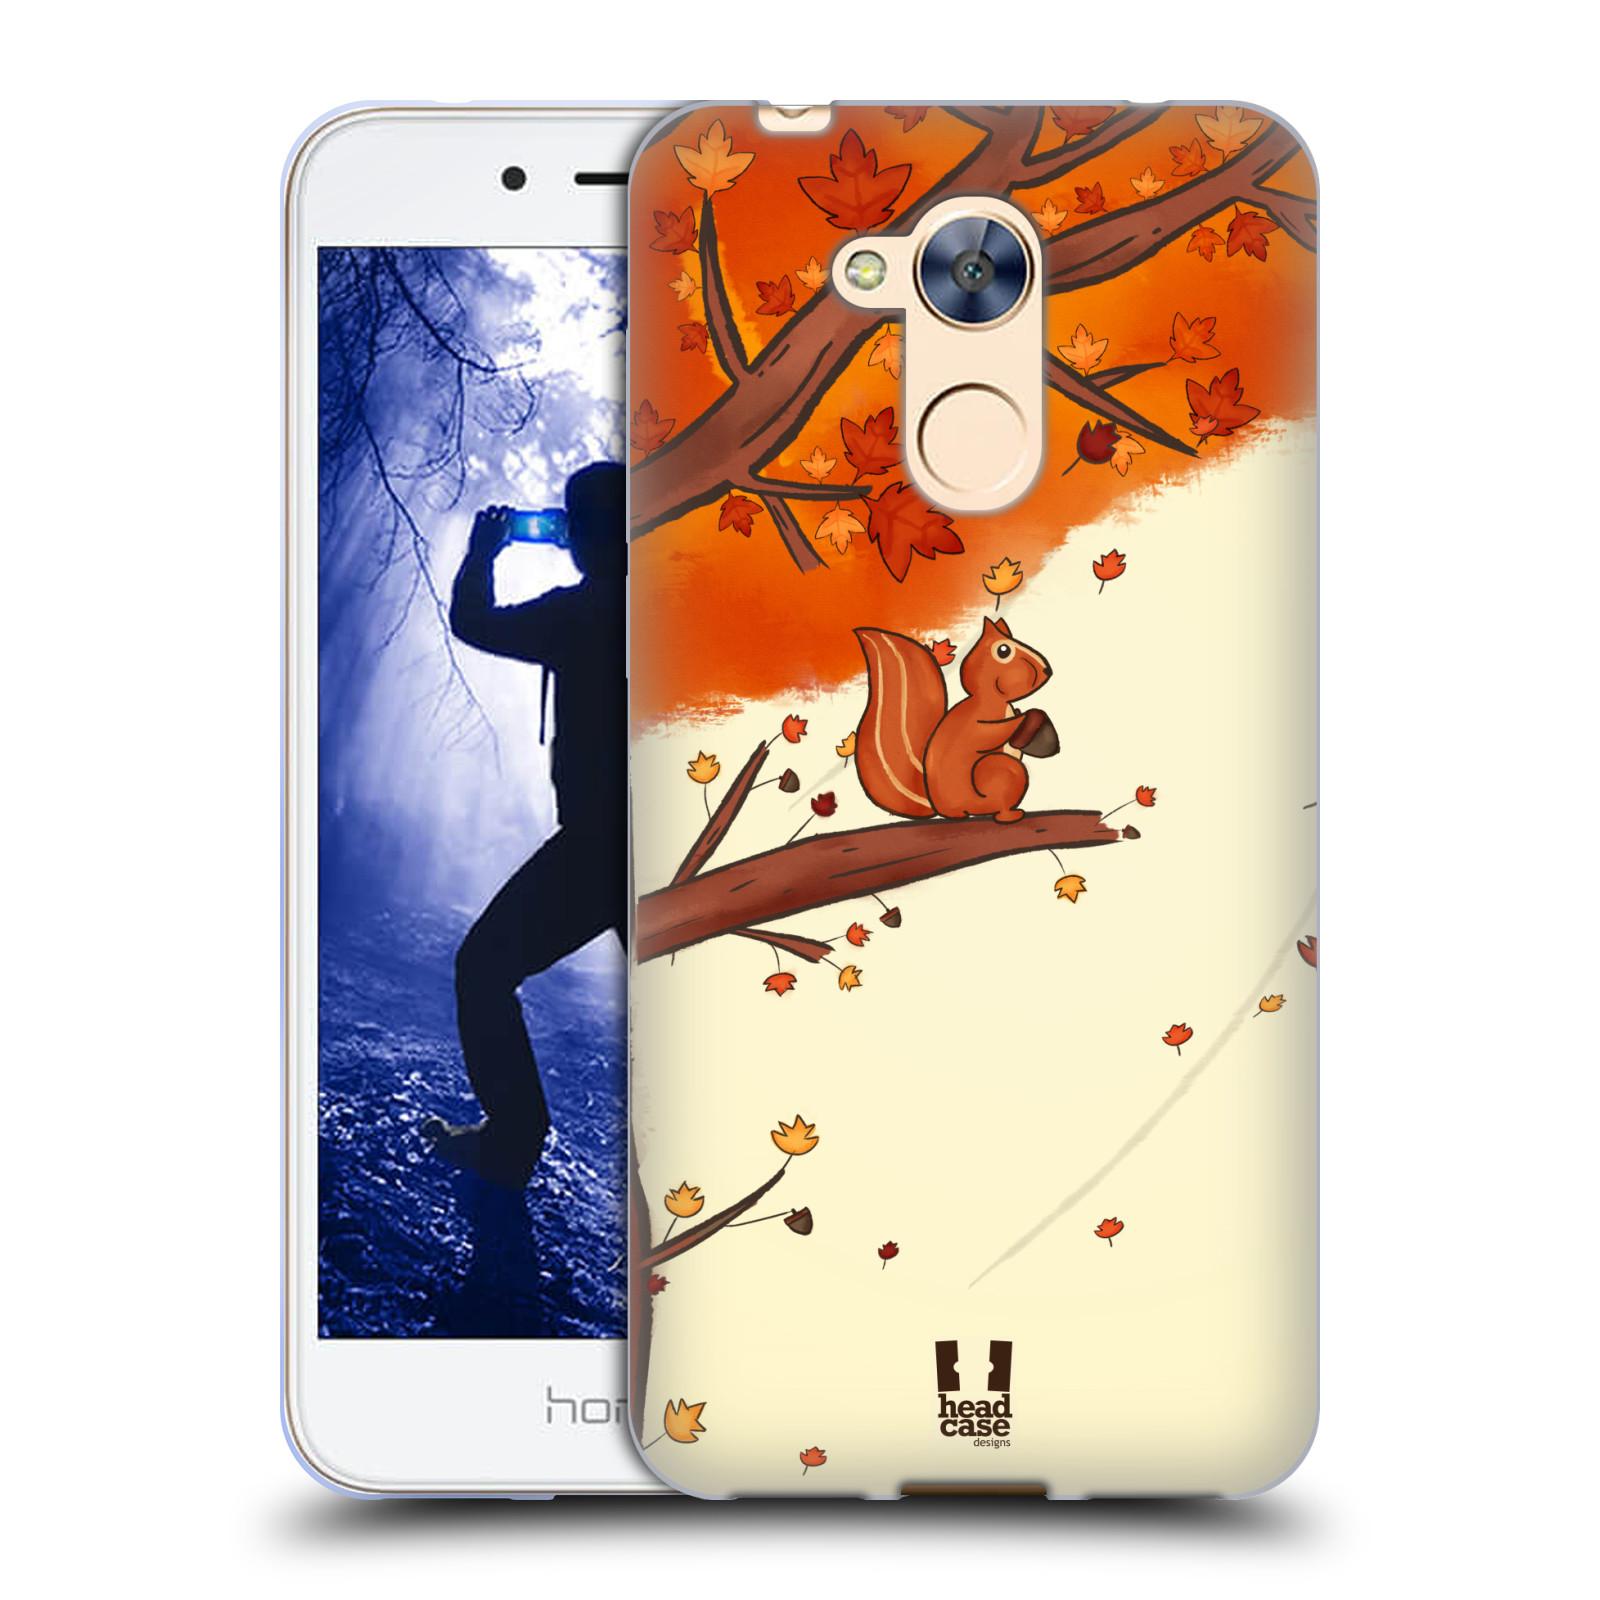 Silikonové pouzdro na mobil Honor 6A - Head Case - PODZIMNÍ VEVERKA